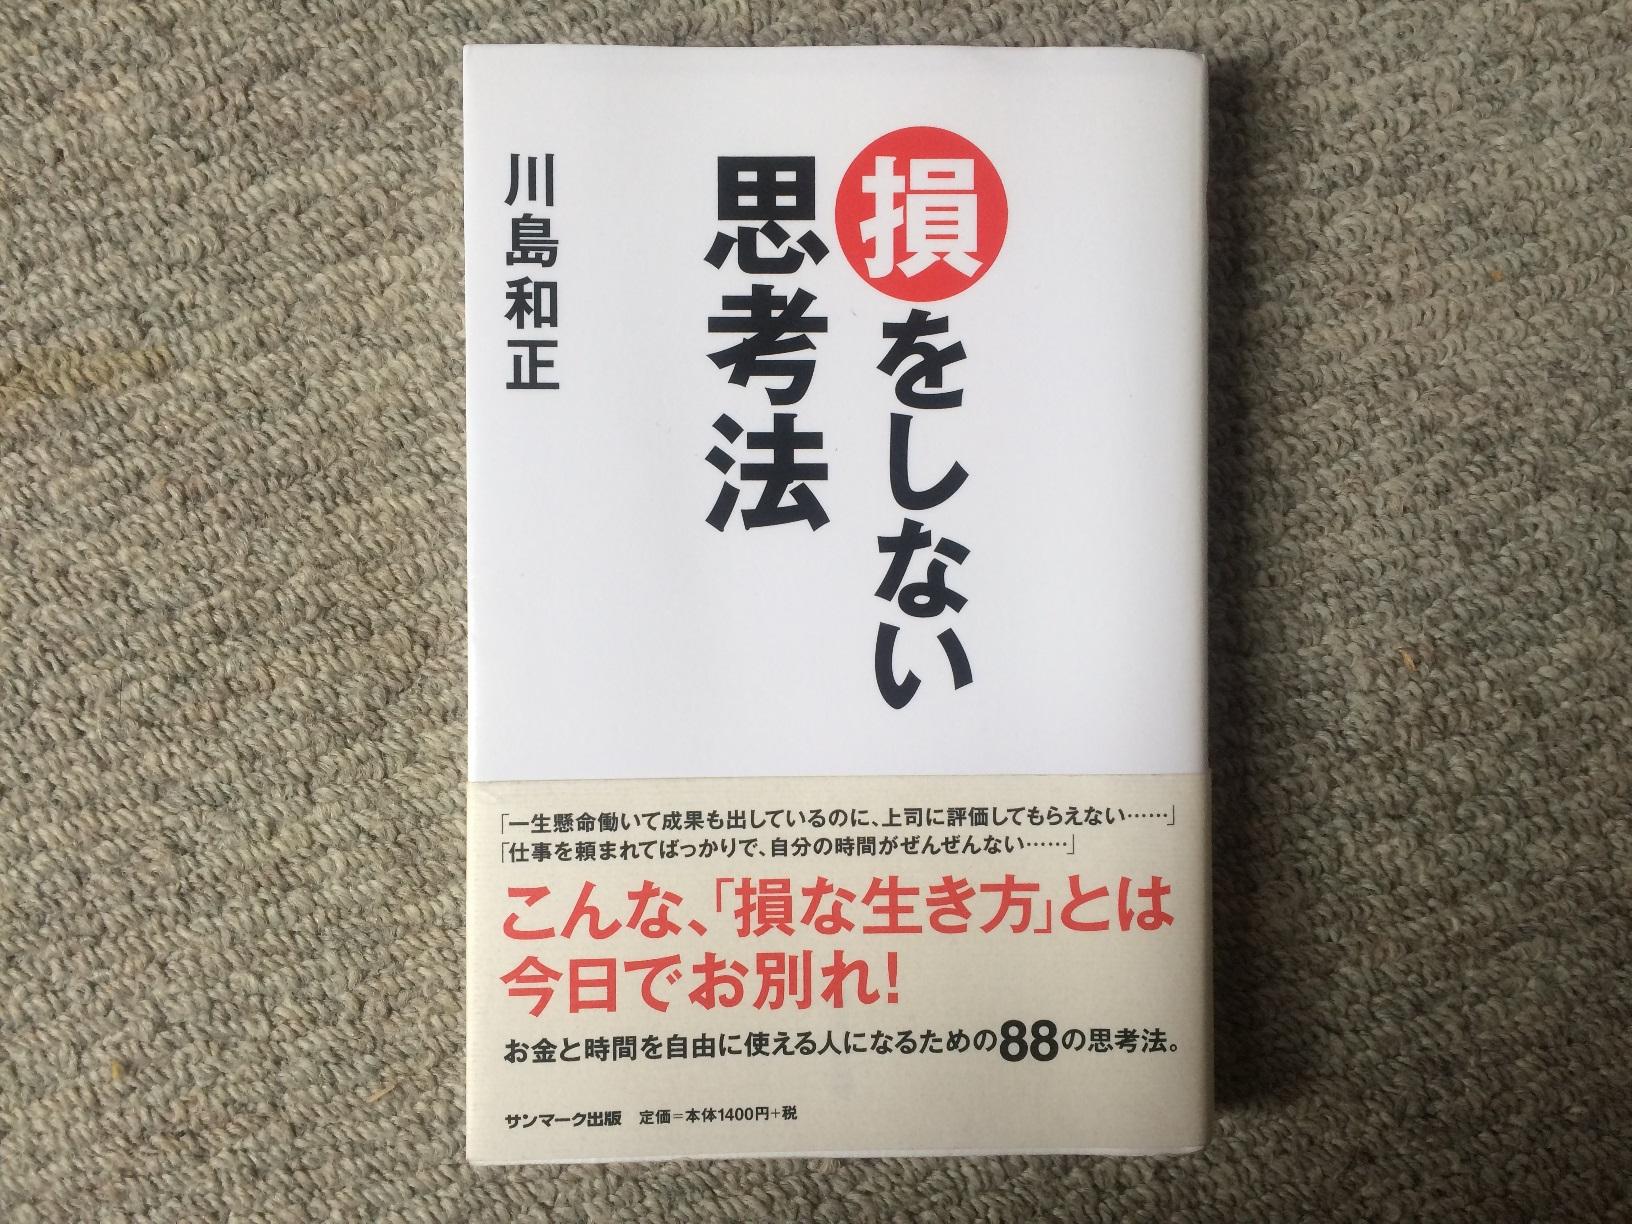 川島和正「損をしない思考法」